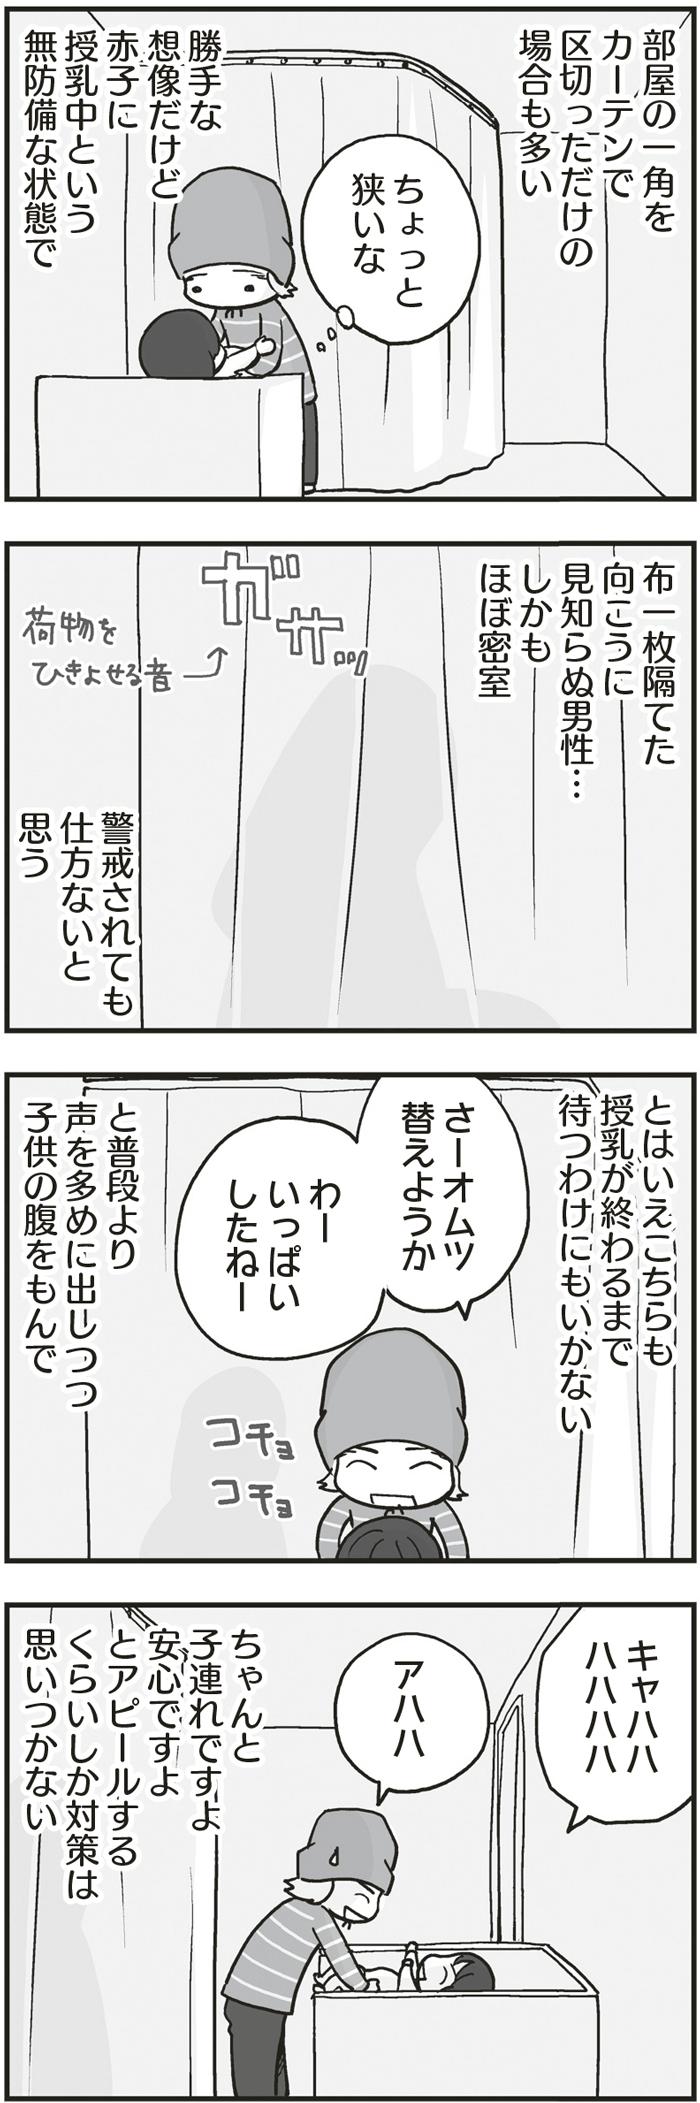 """""""イクメン""""と言われてモヤモヤ…パパが感じる「育児の壁」とは?の画像7"""